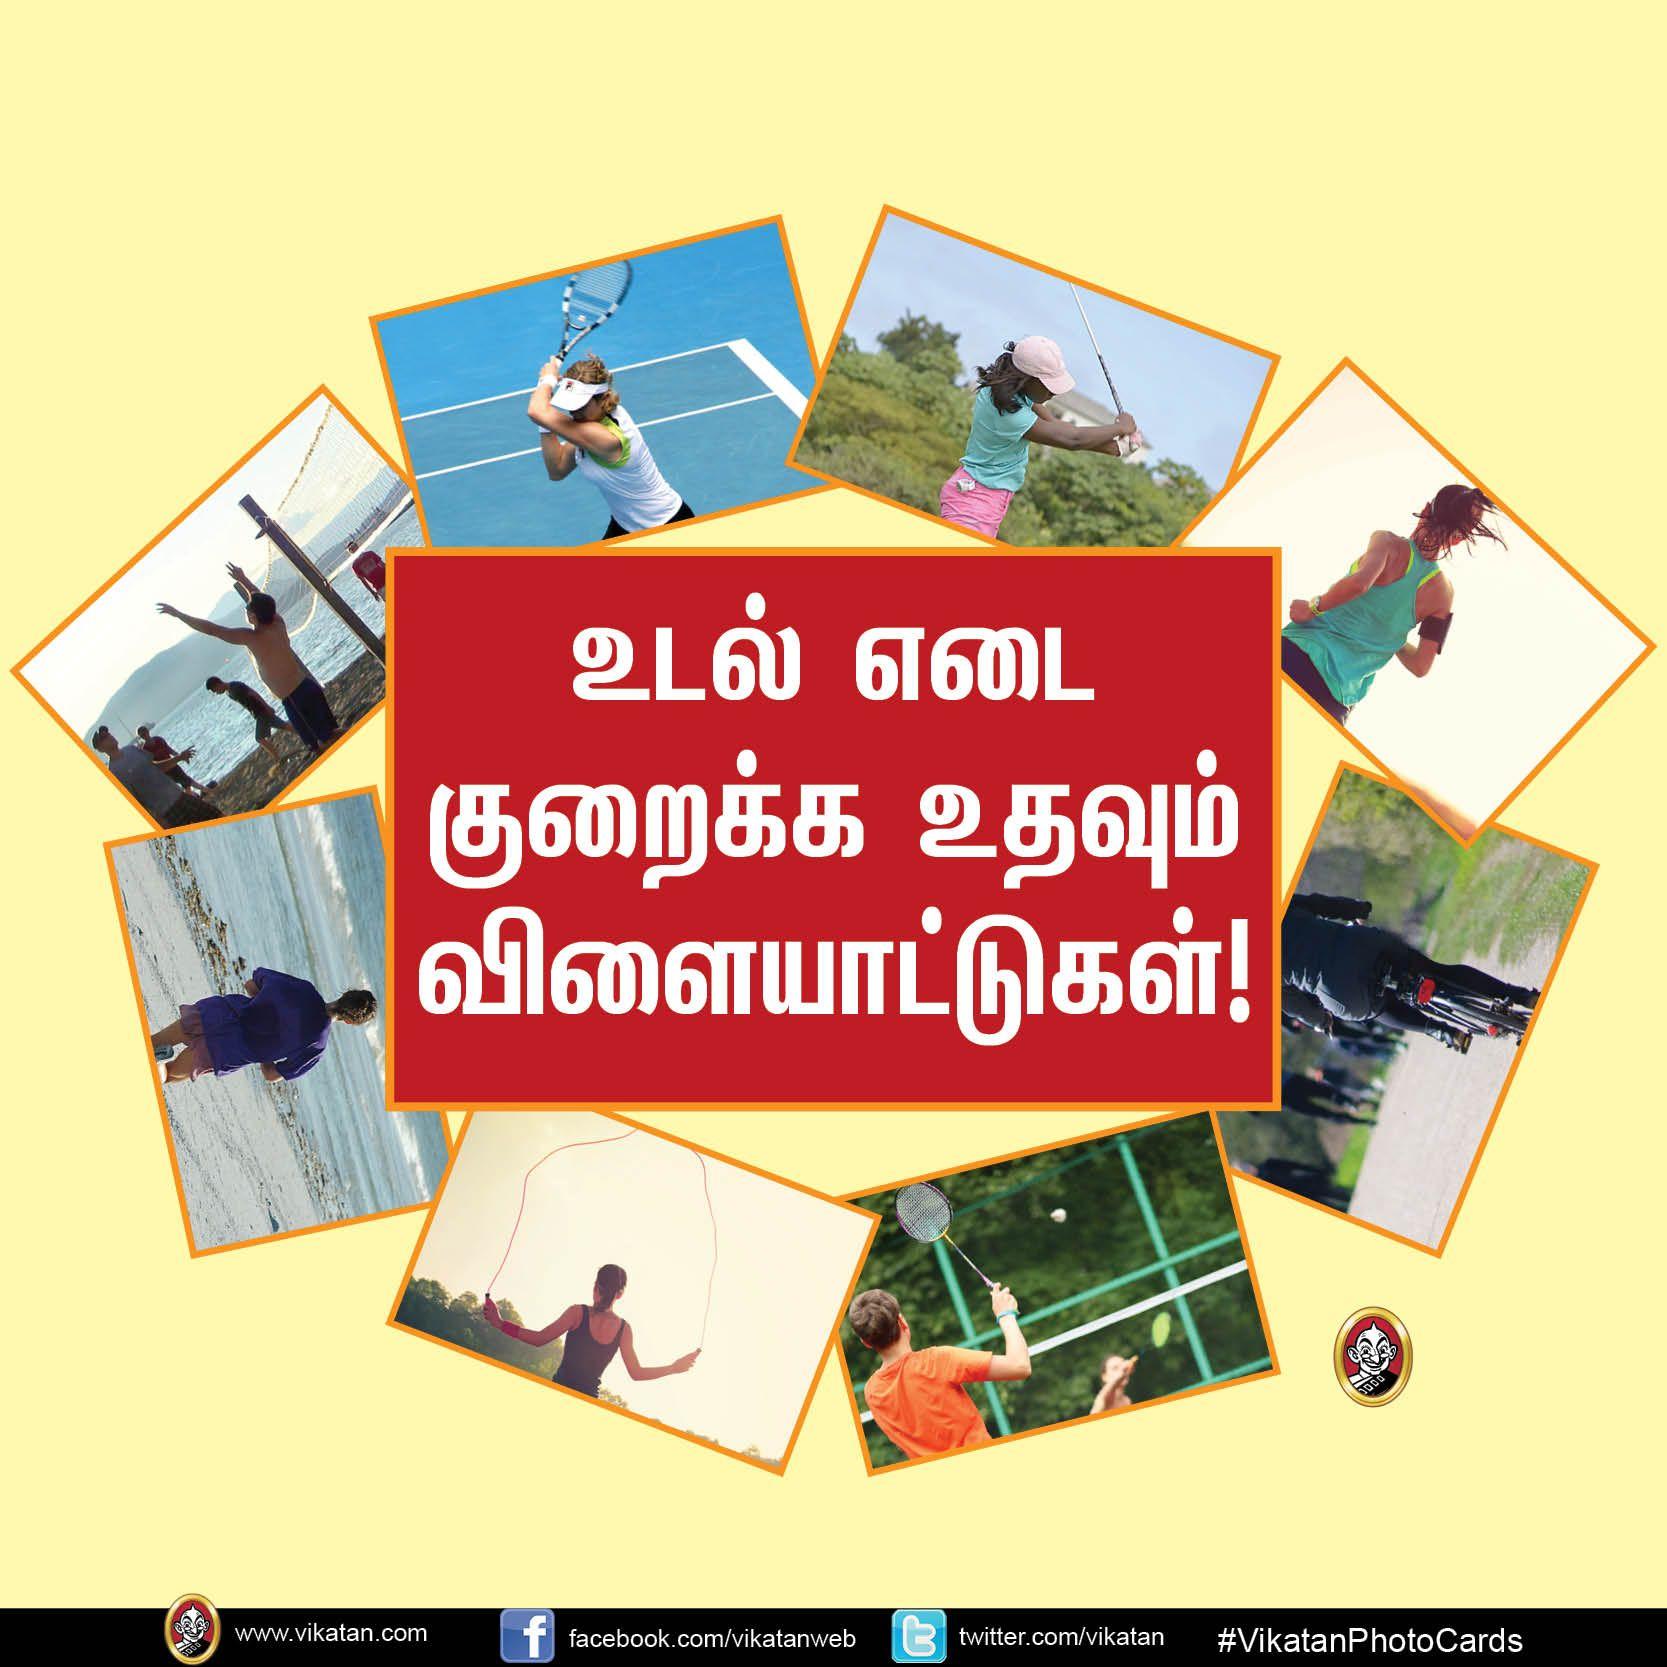 உடல் எடையைக் குறைக்க உதவும் 11 விளையாட்டுகள்! #VikatanPhotoCards